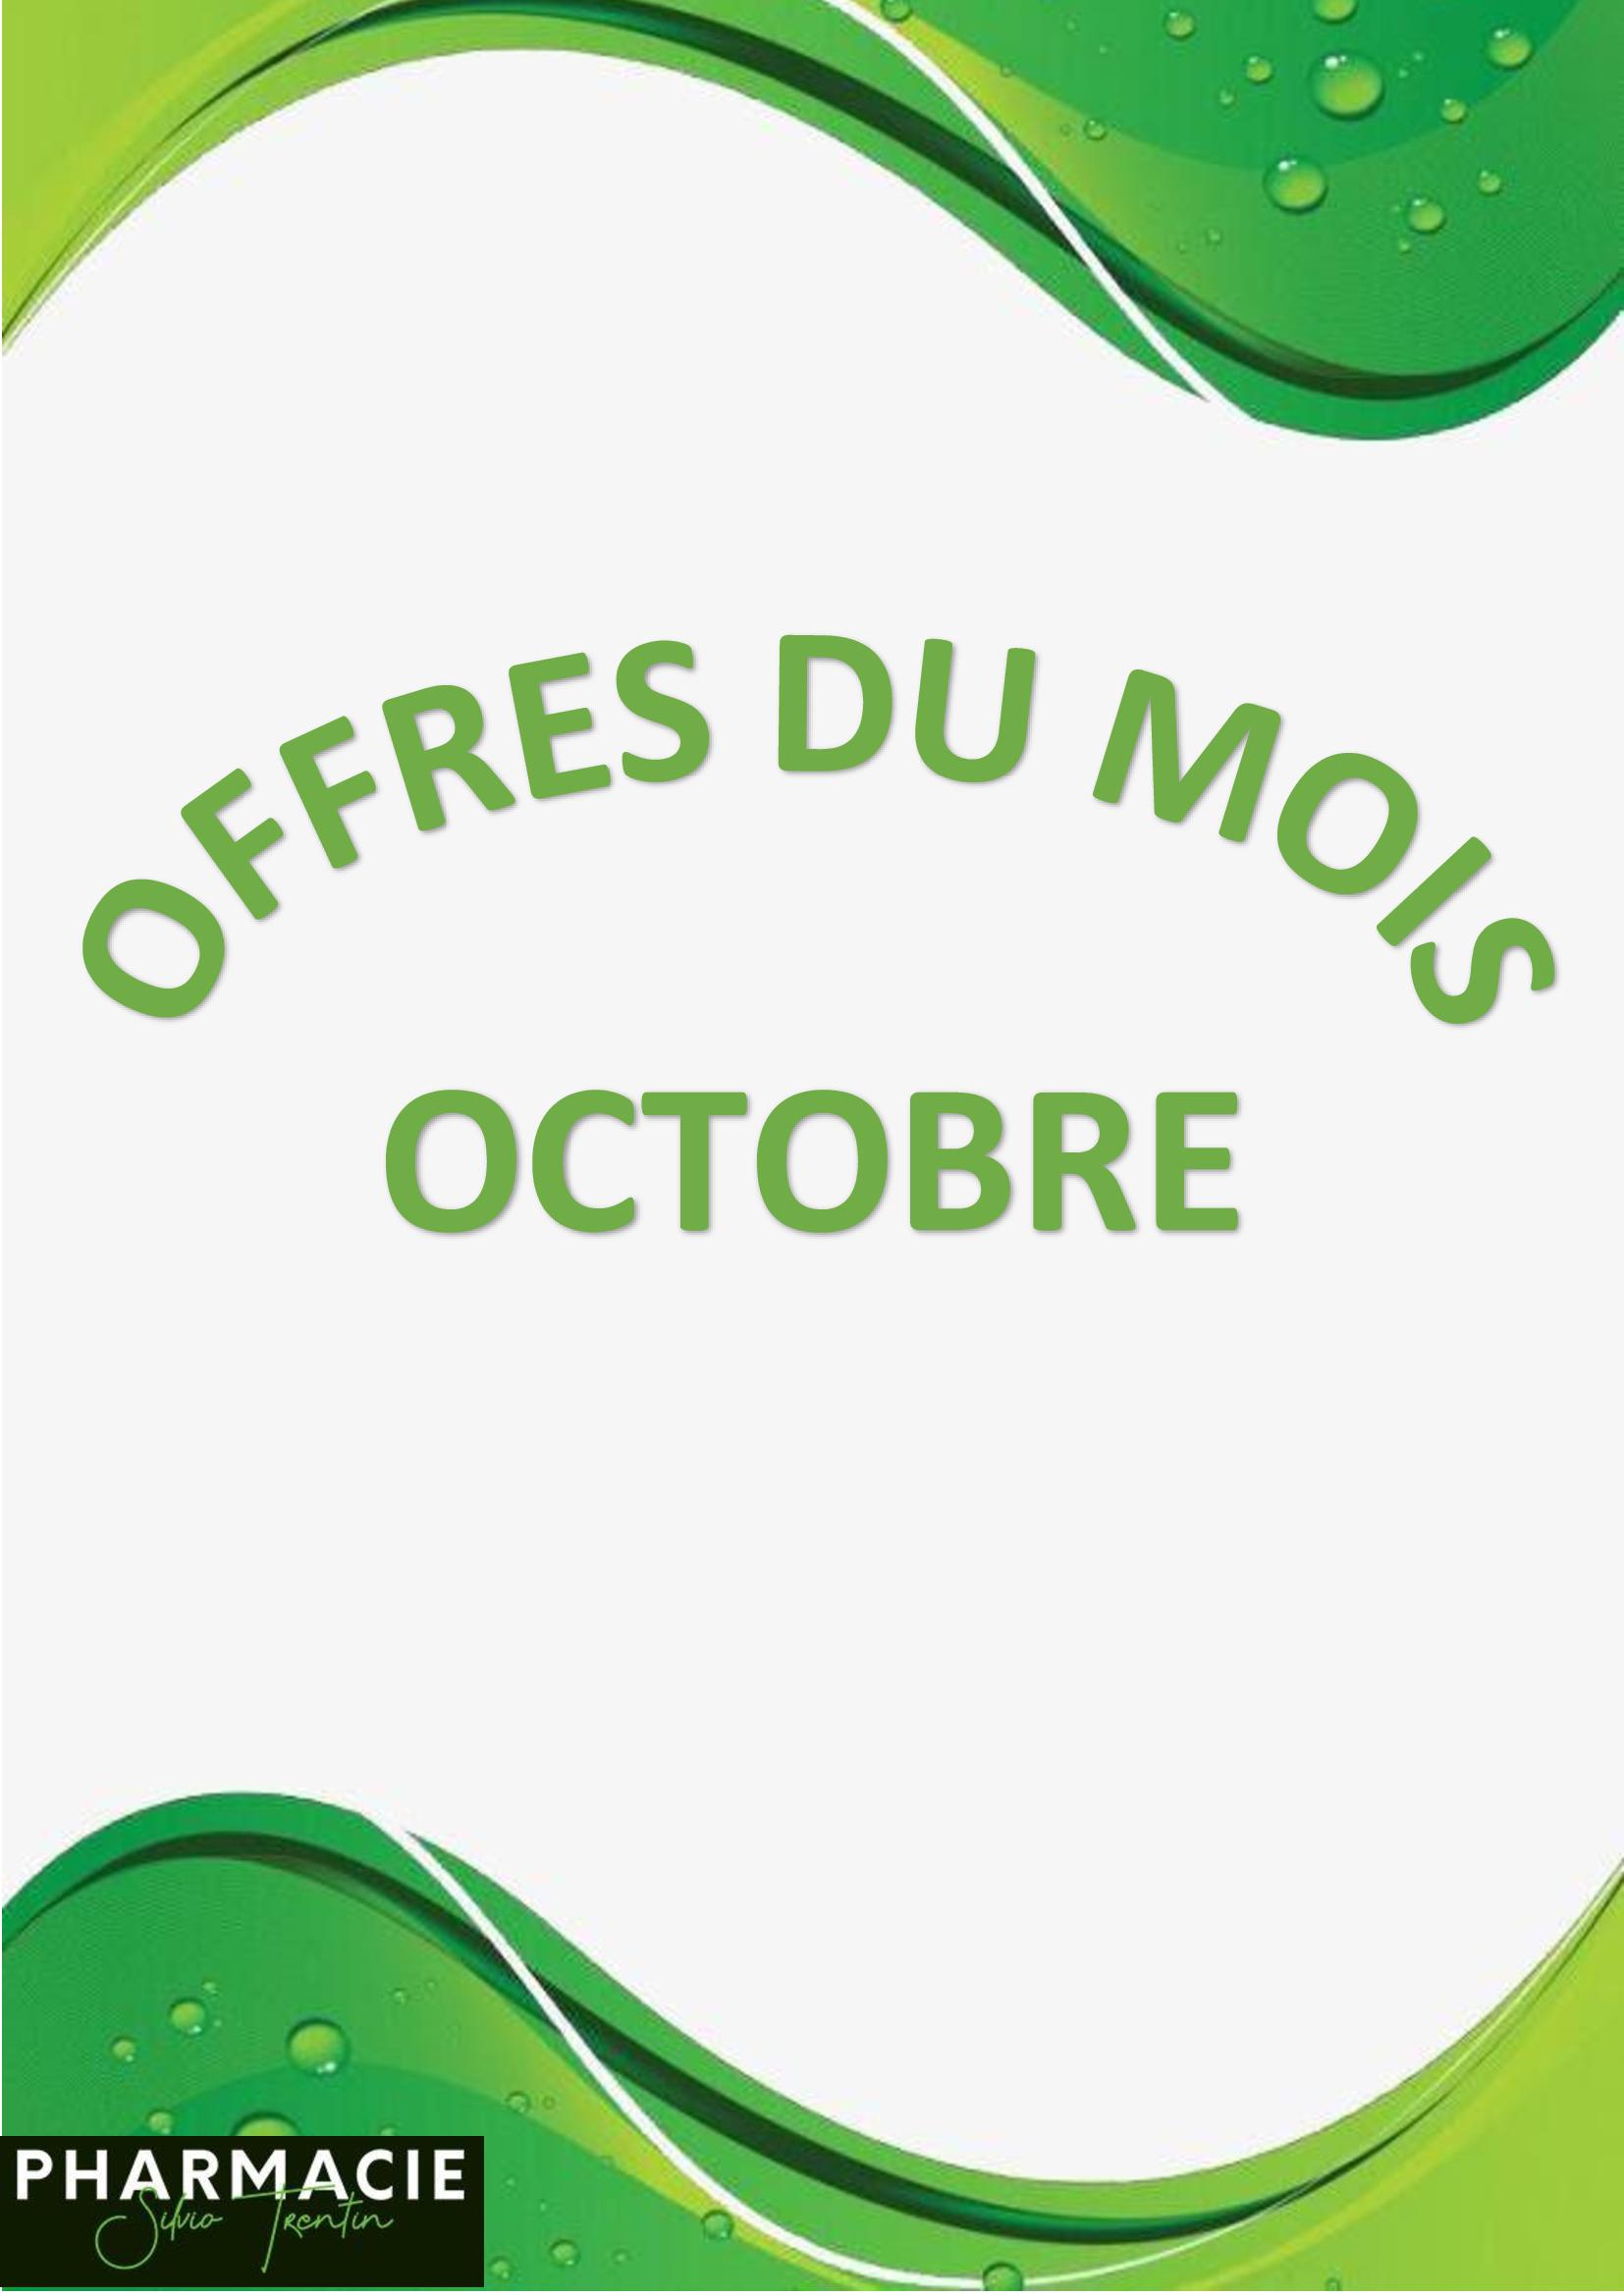 Offres du mois d'Octobre